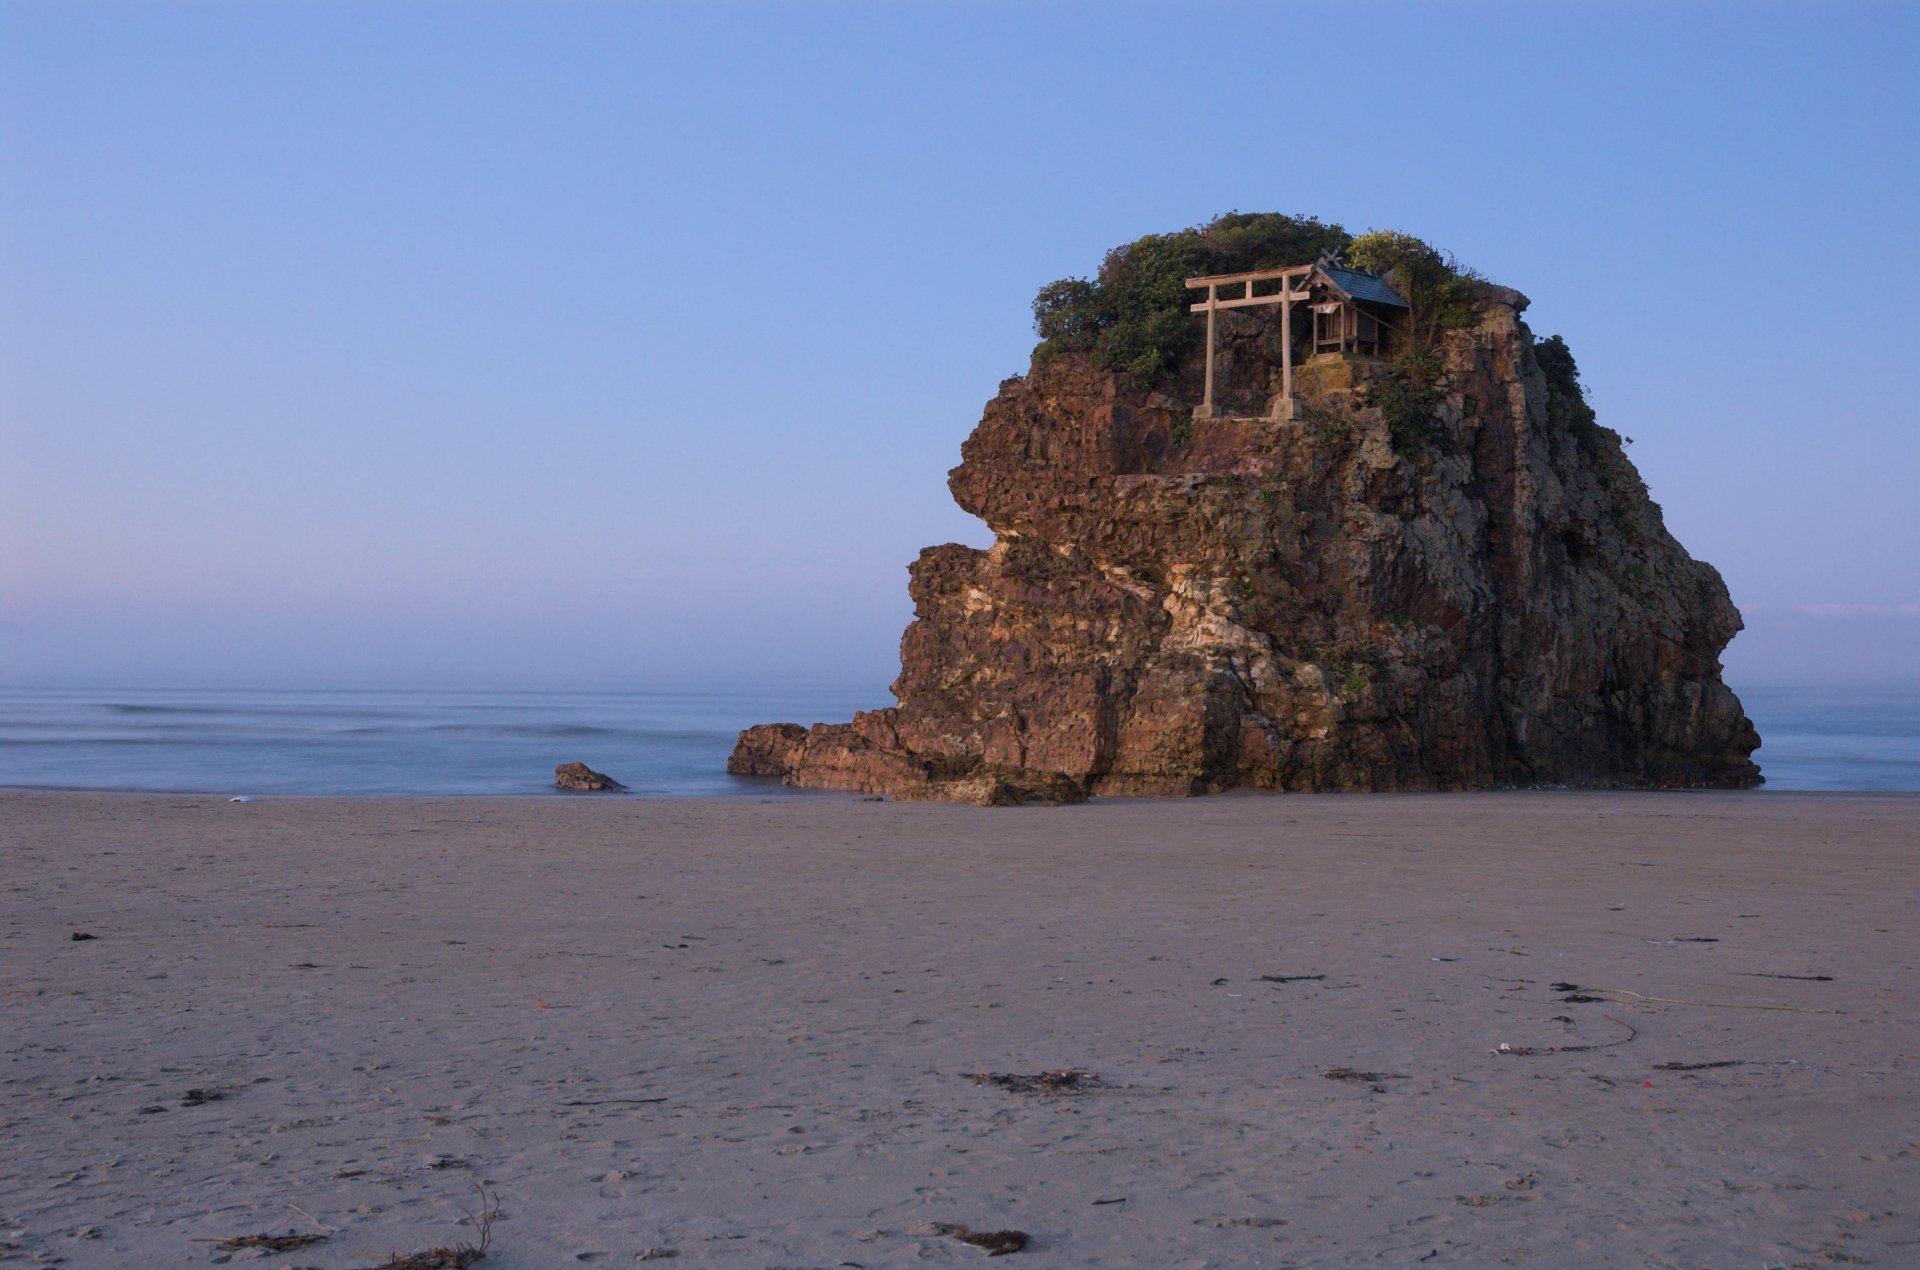 Inasa-beach-flickr.jpg